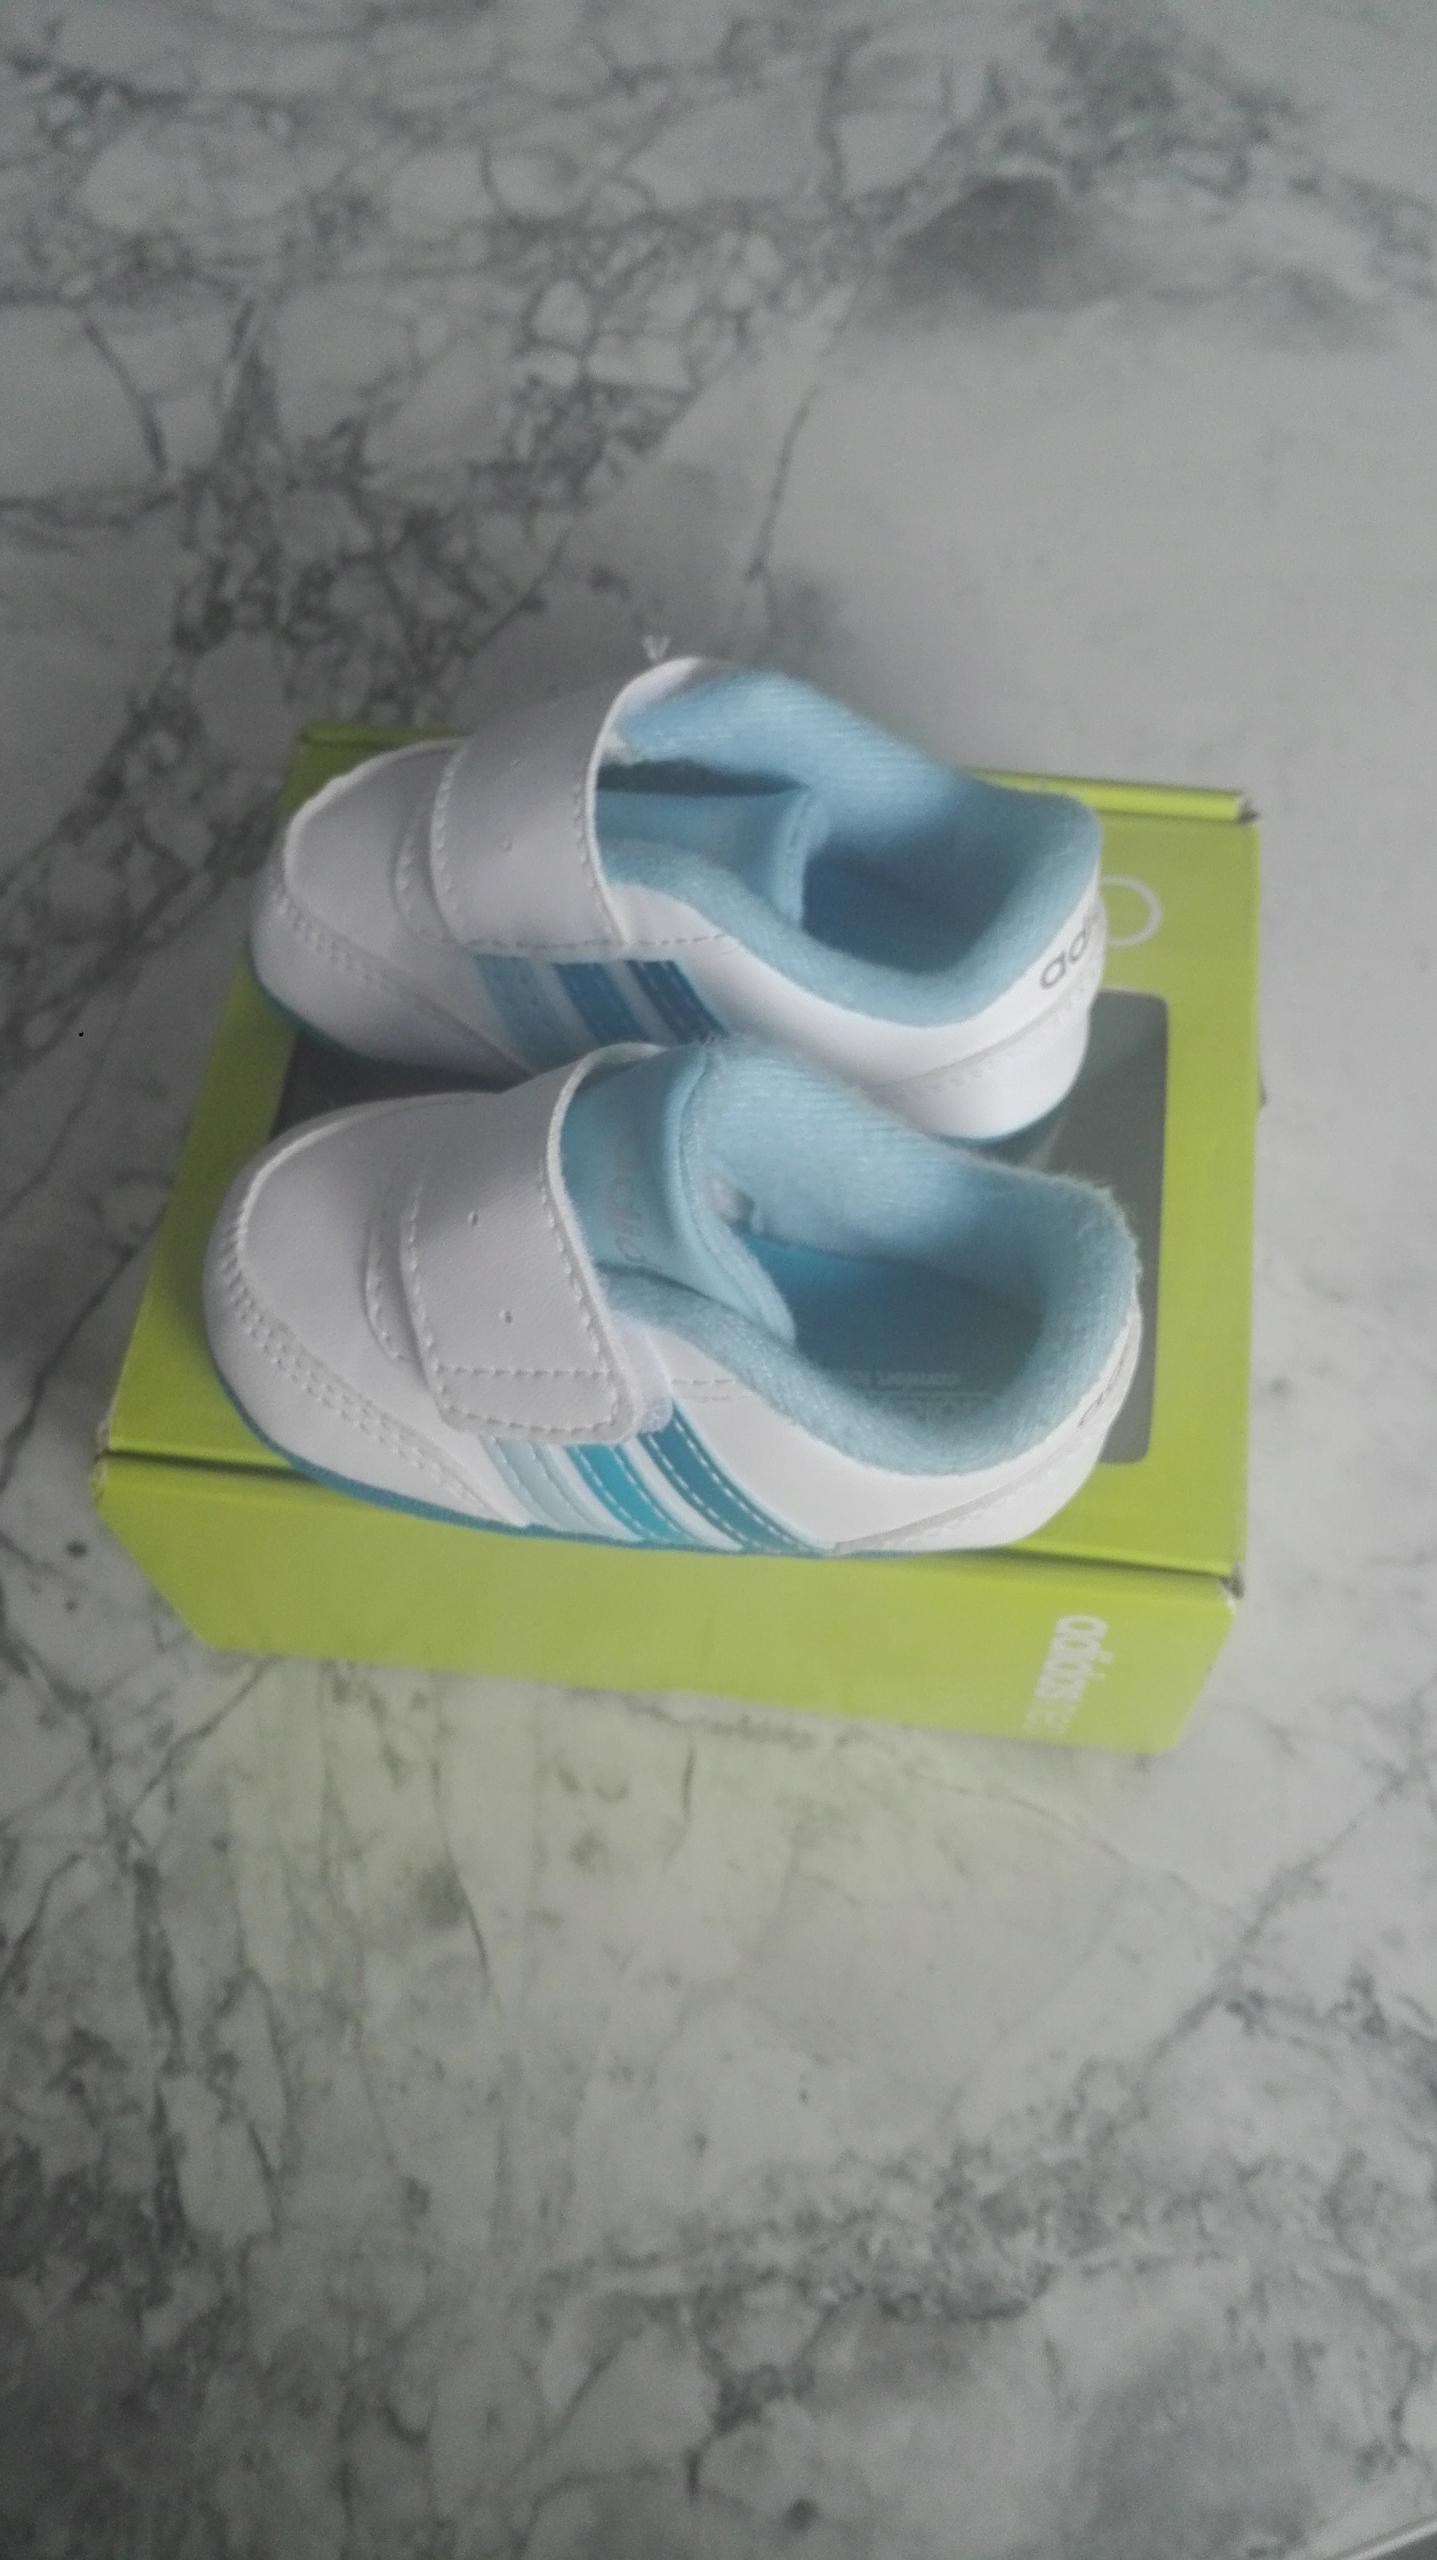 Buty buciki niechodki adidas rozmiar 17